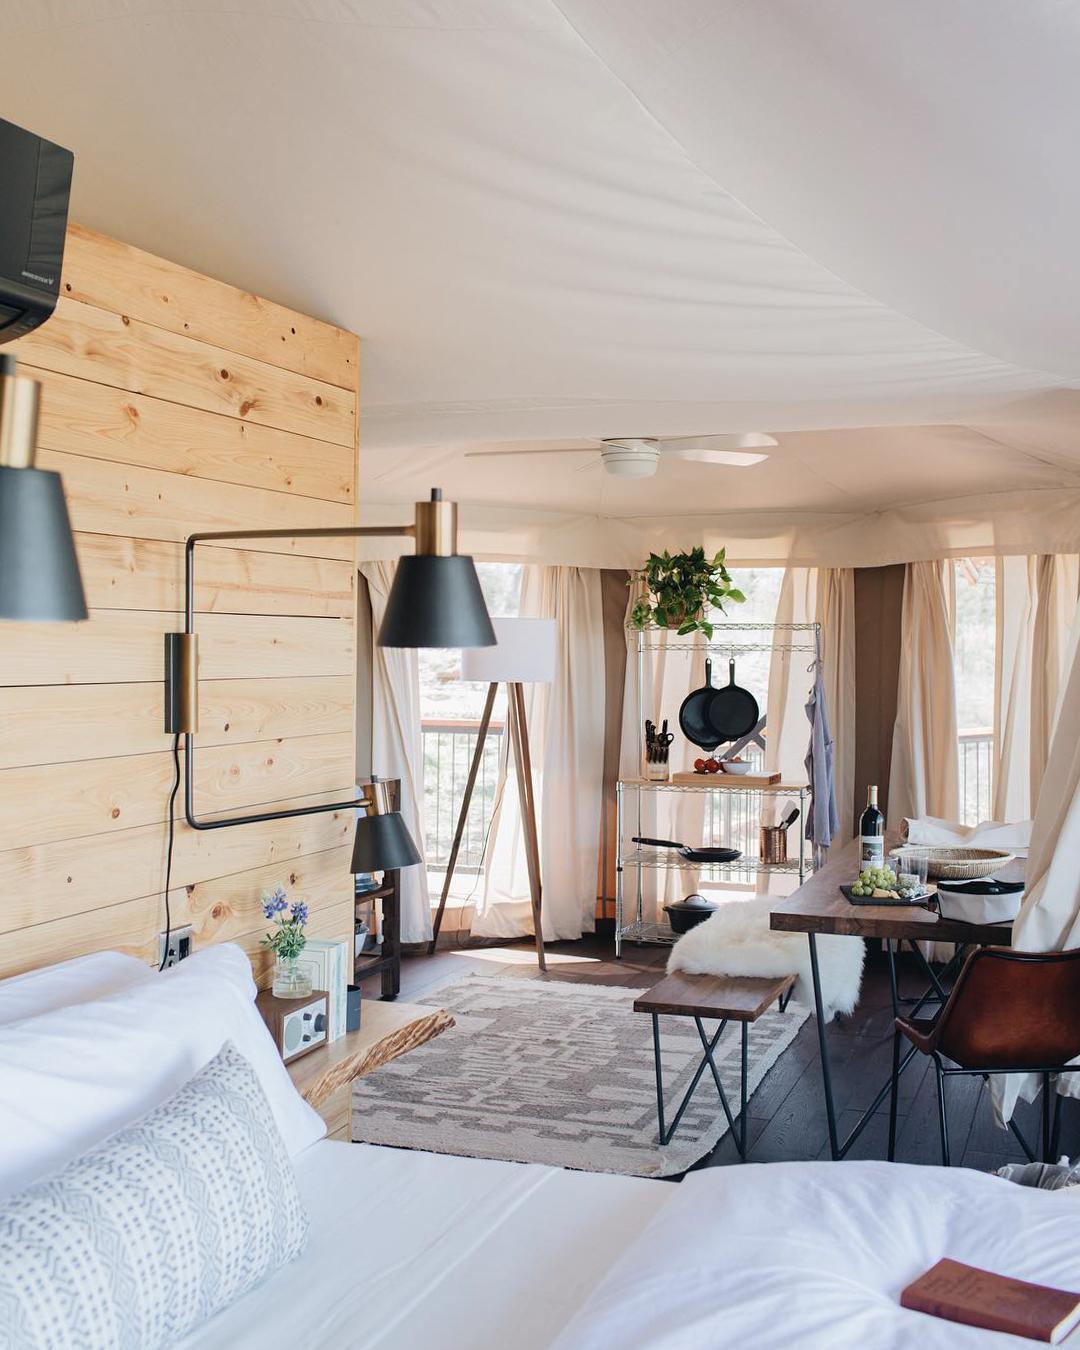 浪漫的野外露营 帐篷酒店瓦尔登山庄